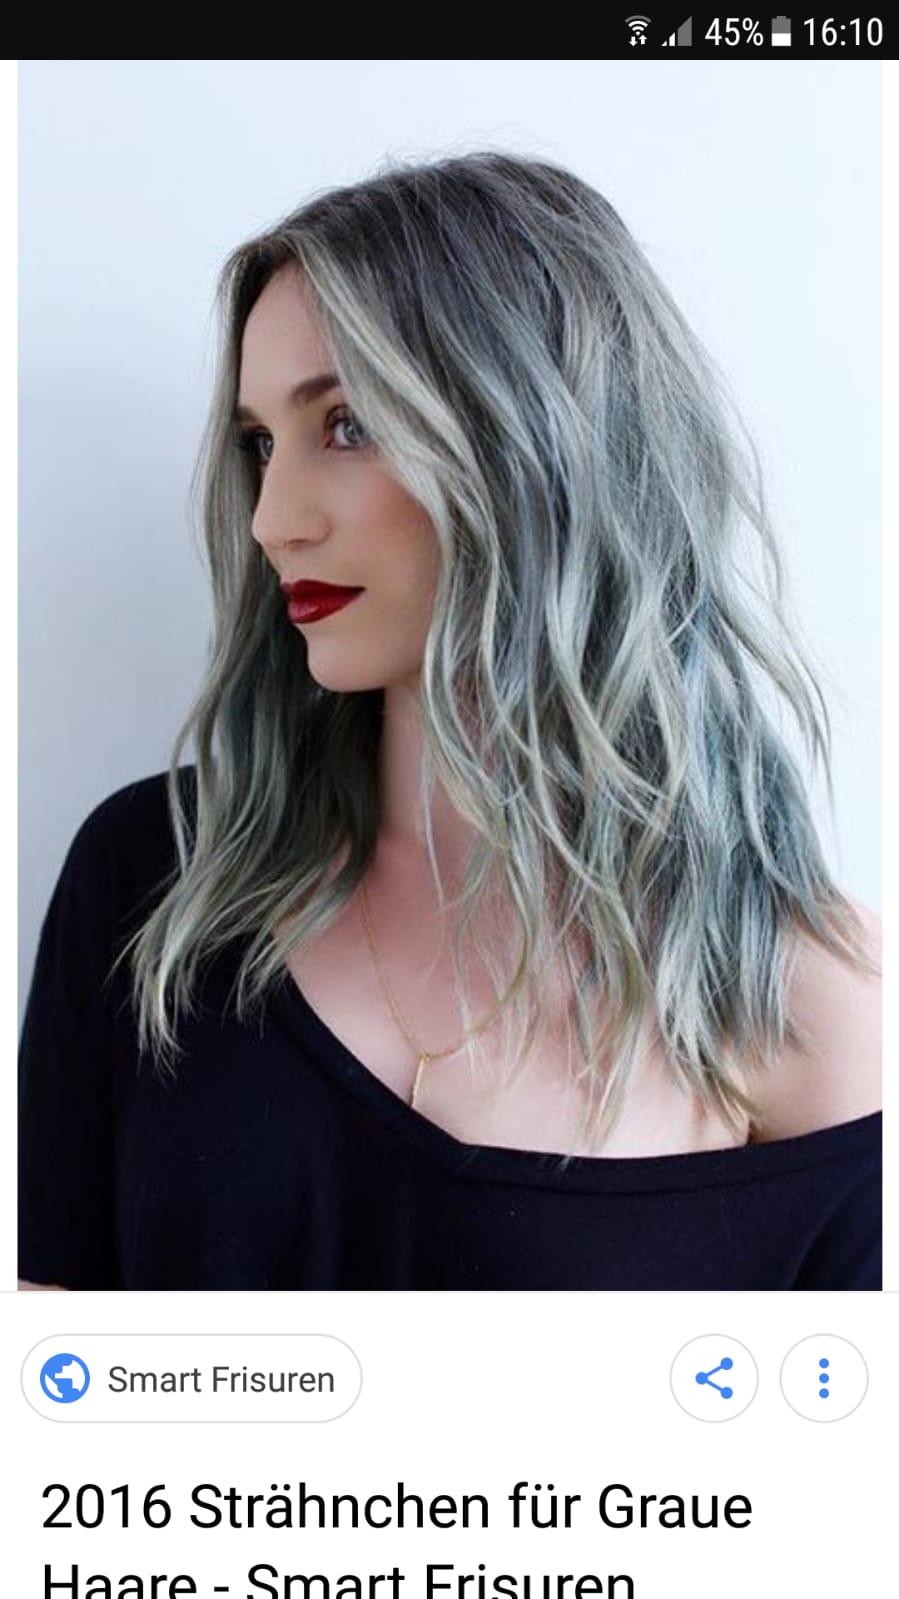 Graue 2016 frisuren haare Bilder Frisuren